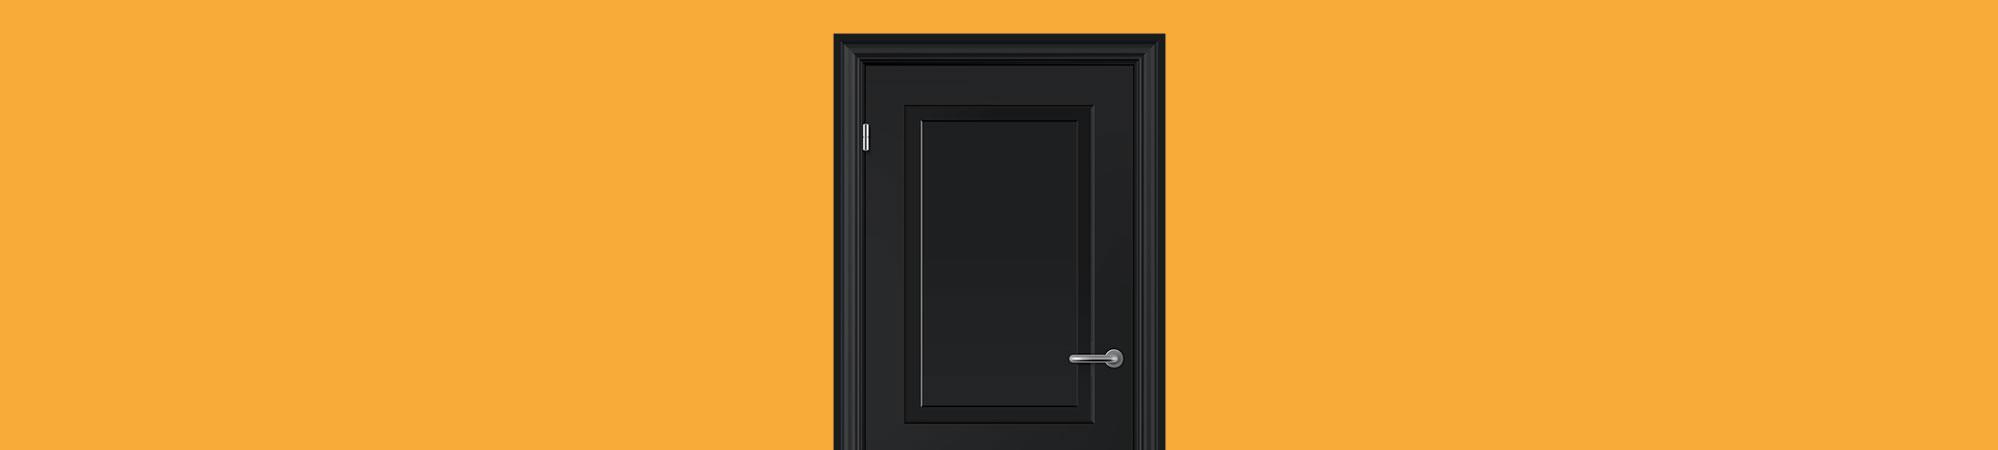 Porta fechada, fundo laranja